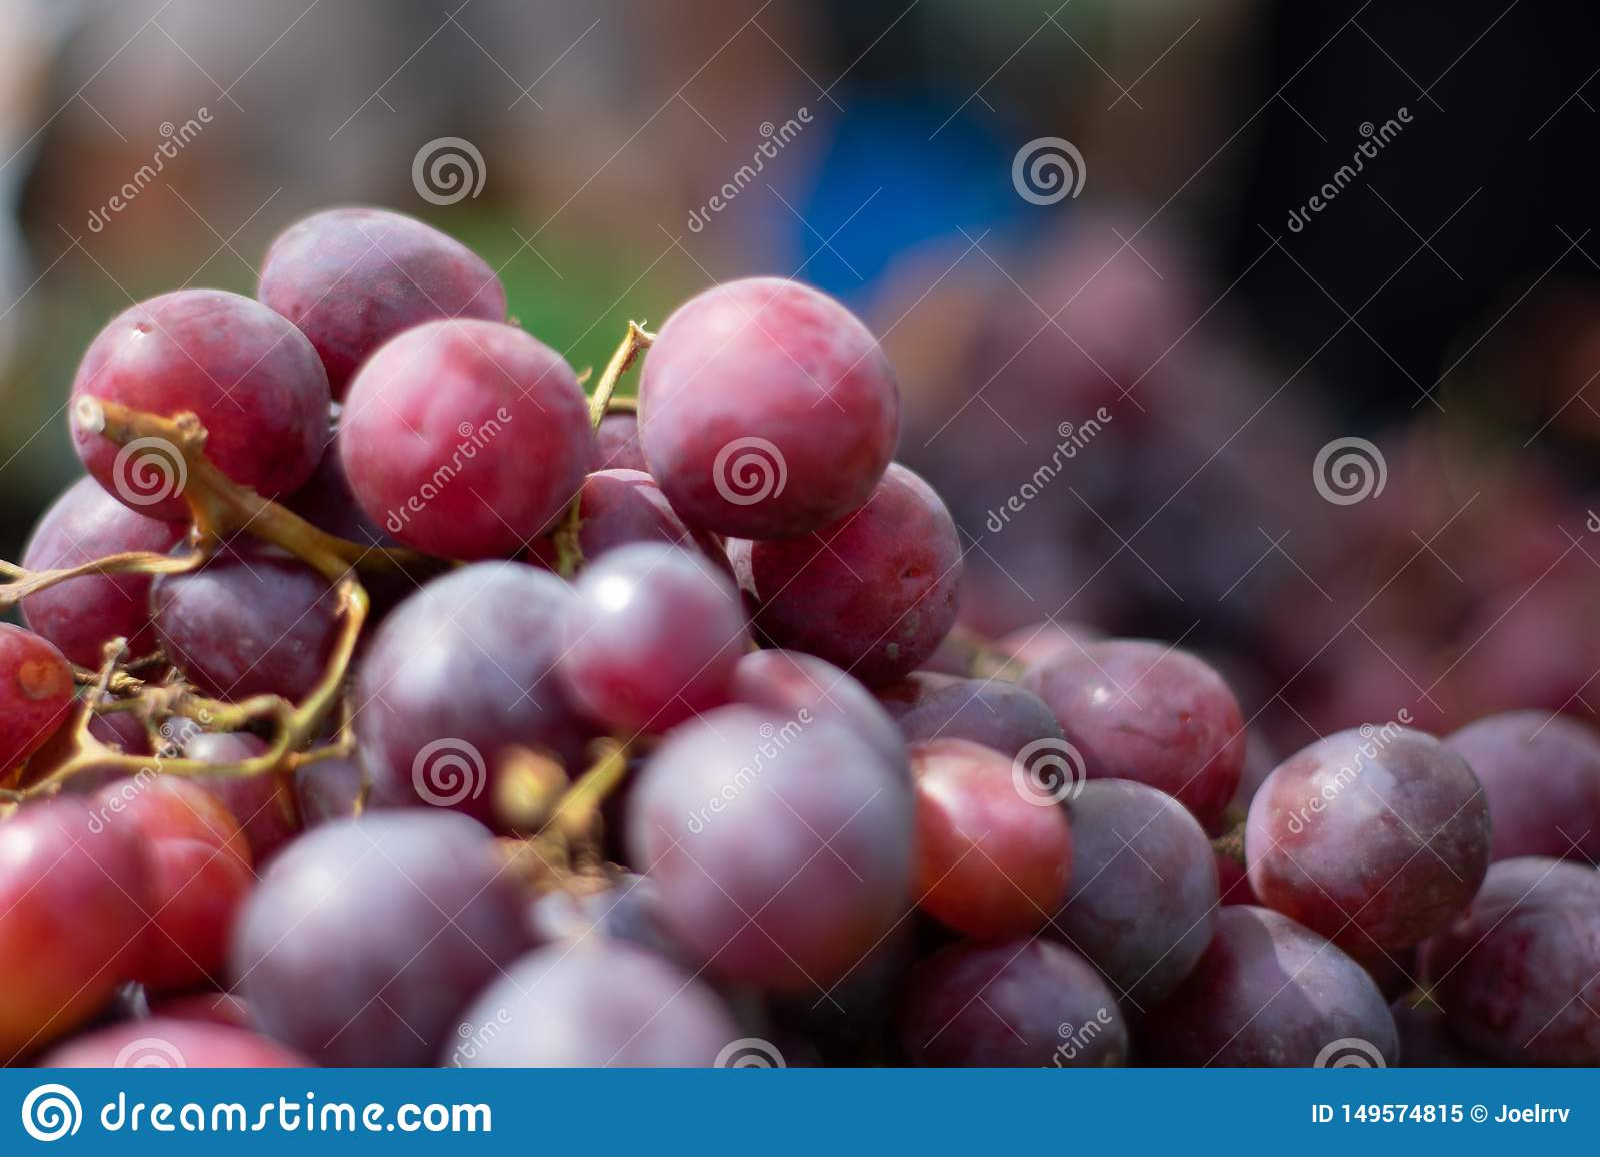 Close up de uvas frescas no fundo obscuro